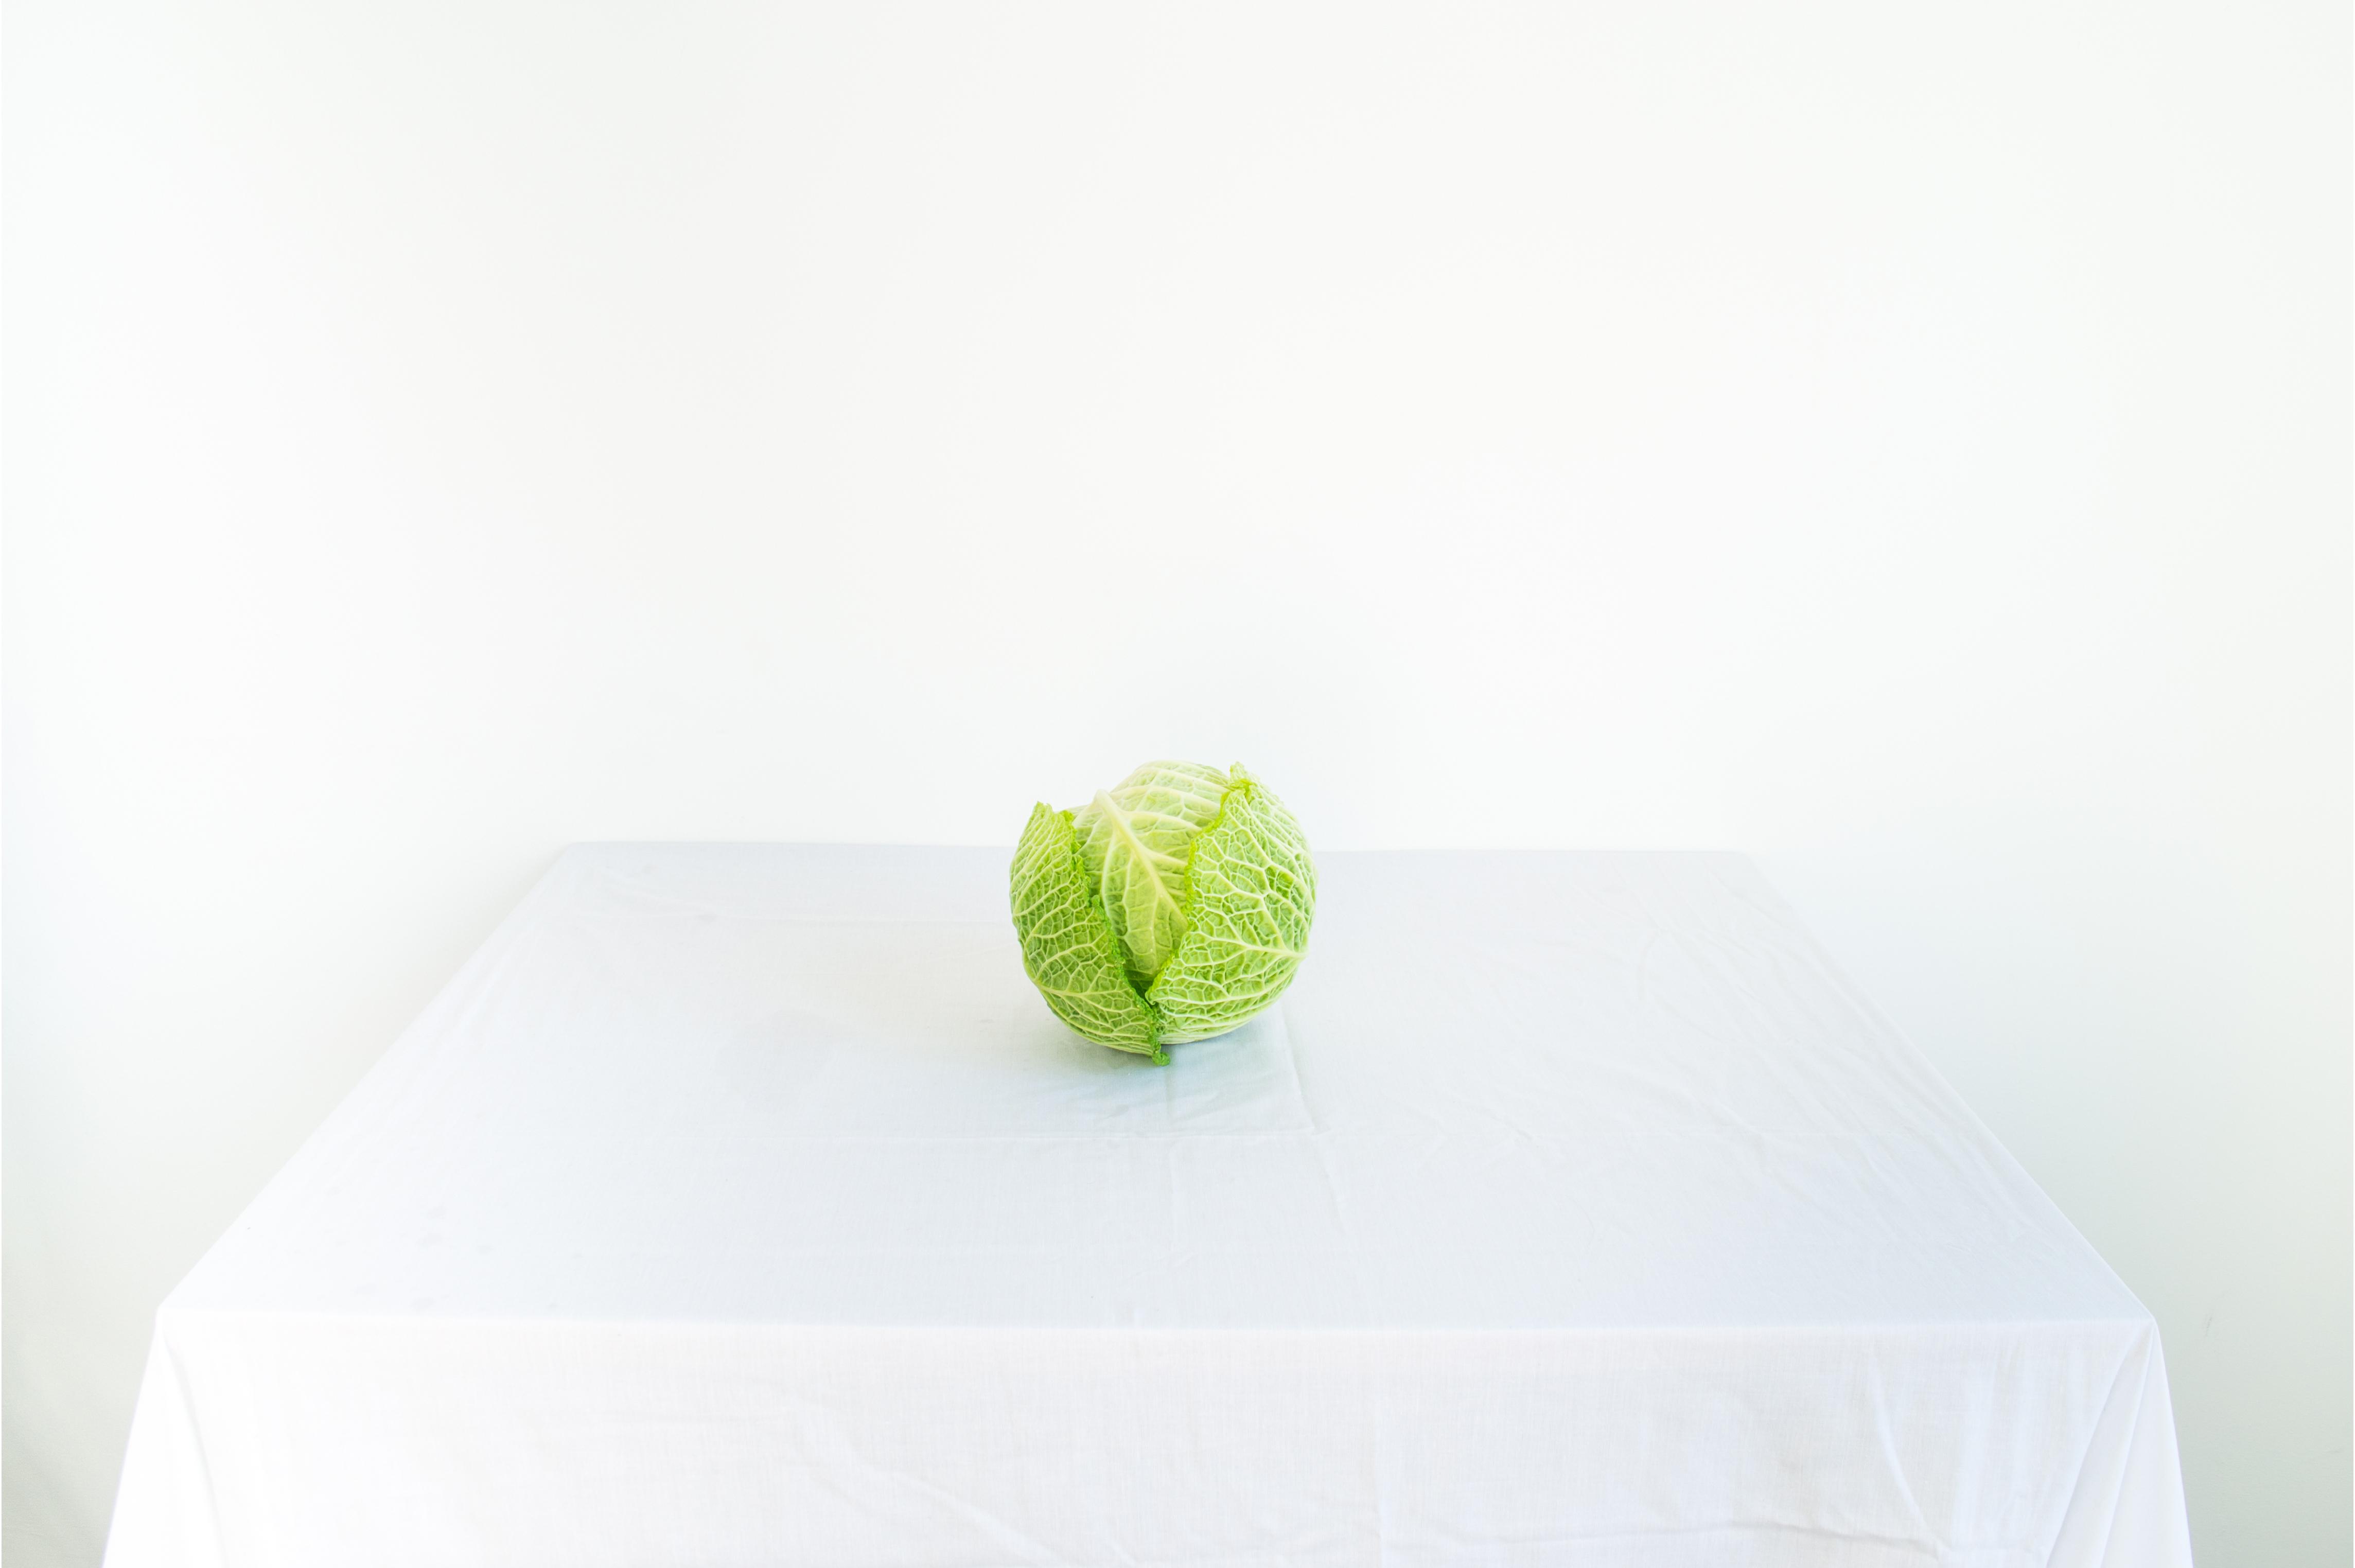 lettuce-photograph-still life